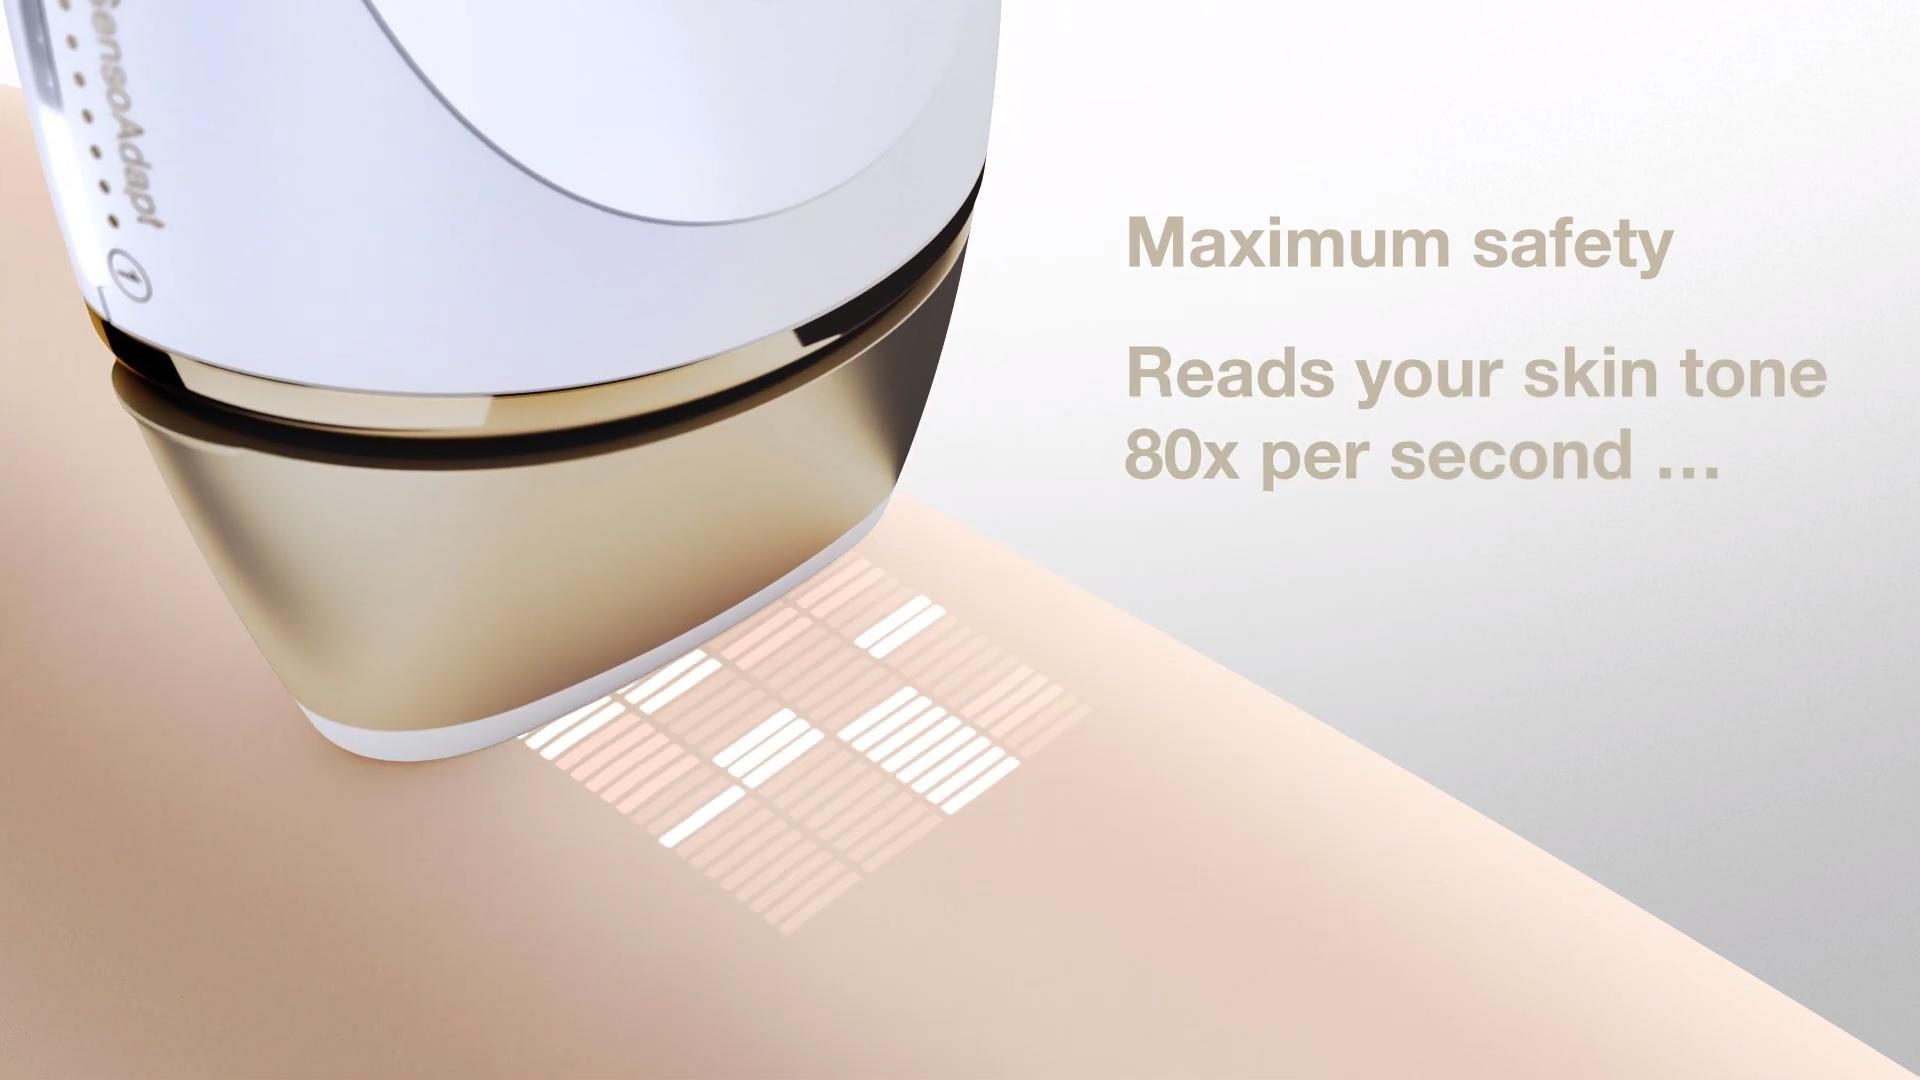 Bezpečné použití epilátoru Braun Silk-expert Pro 5 PL5014 IPL